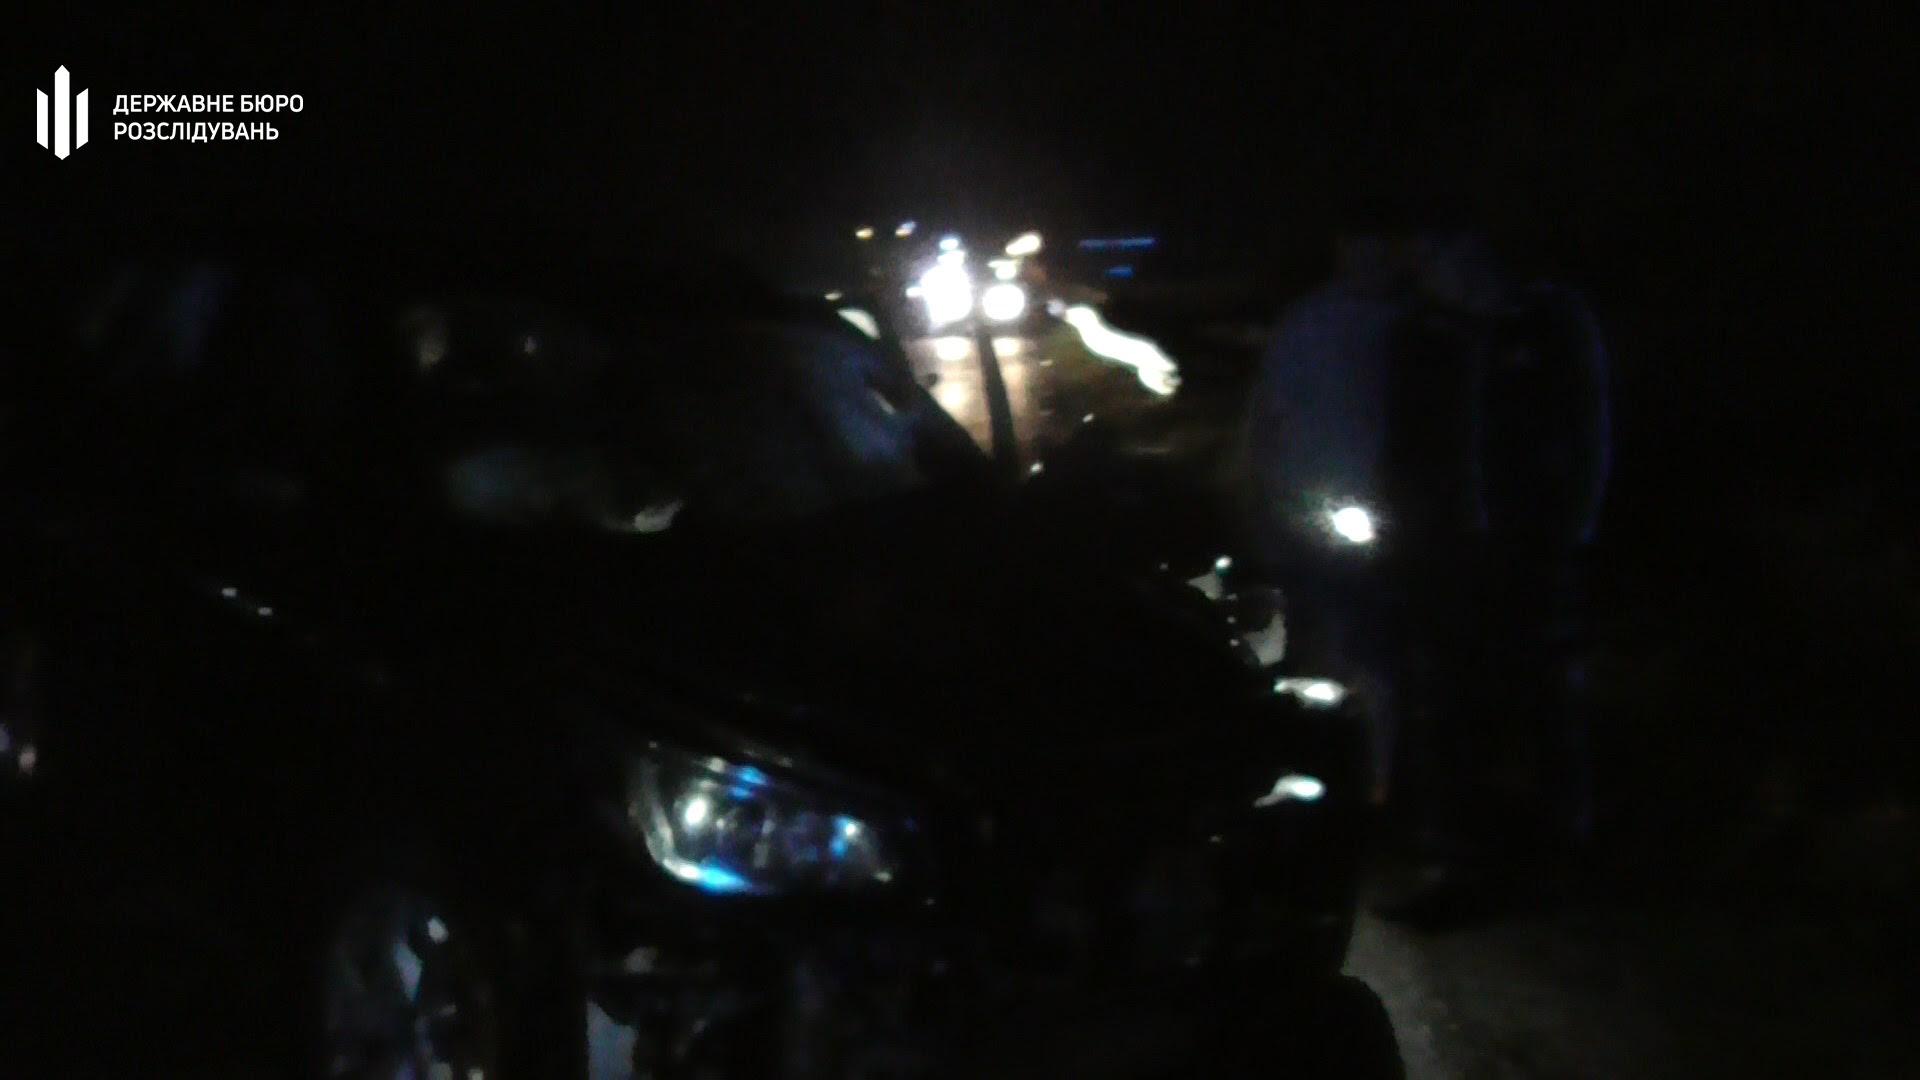 Поліцейський виїхав на зустрічну смугу для обгону іншого авто і зіткнувся з мотоциклом. Водій та пасажир мотоцикла померли на місці.